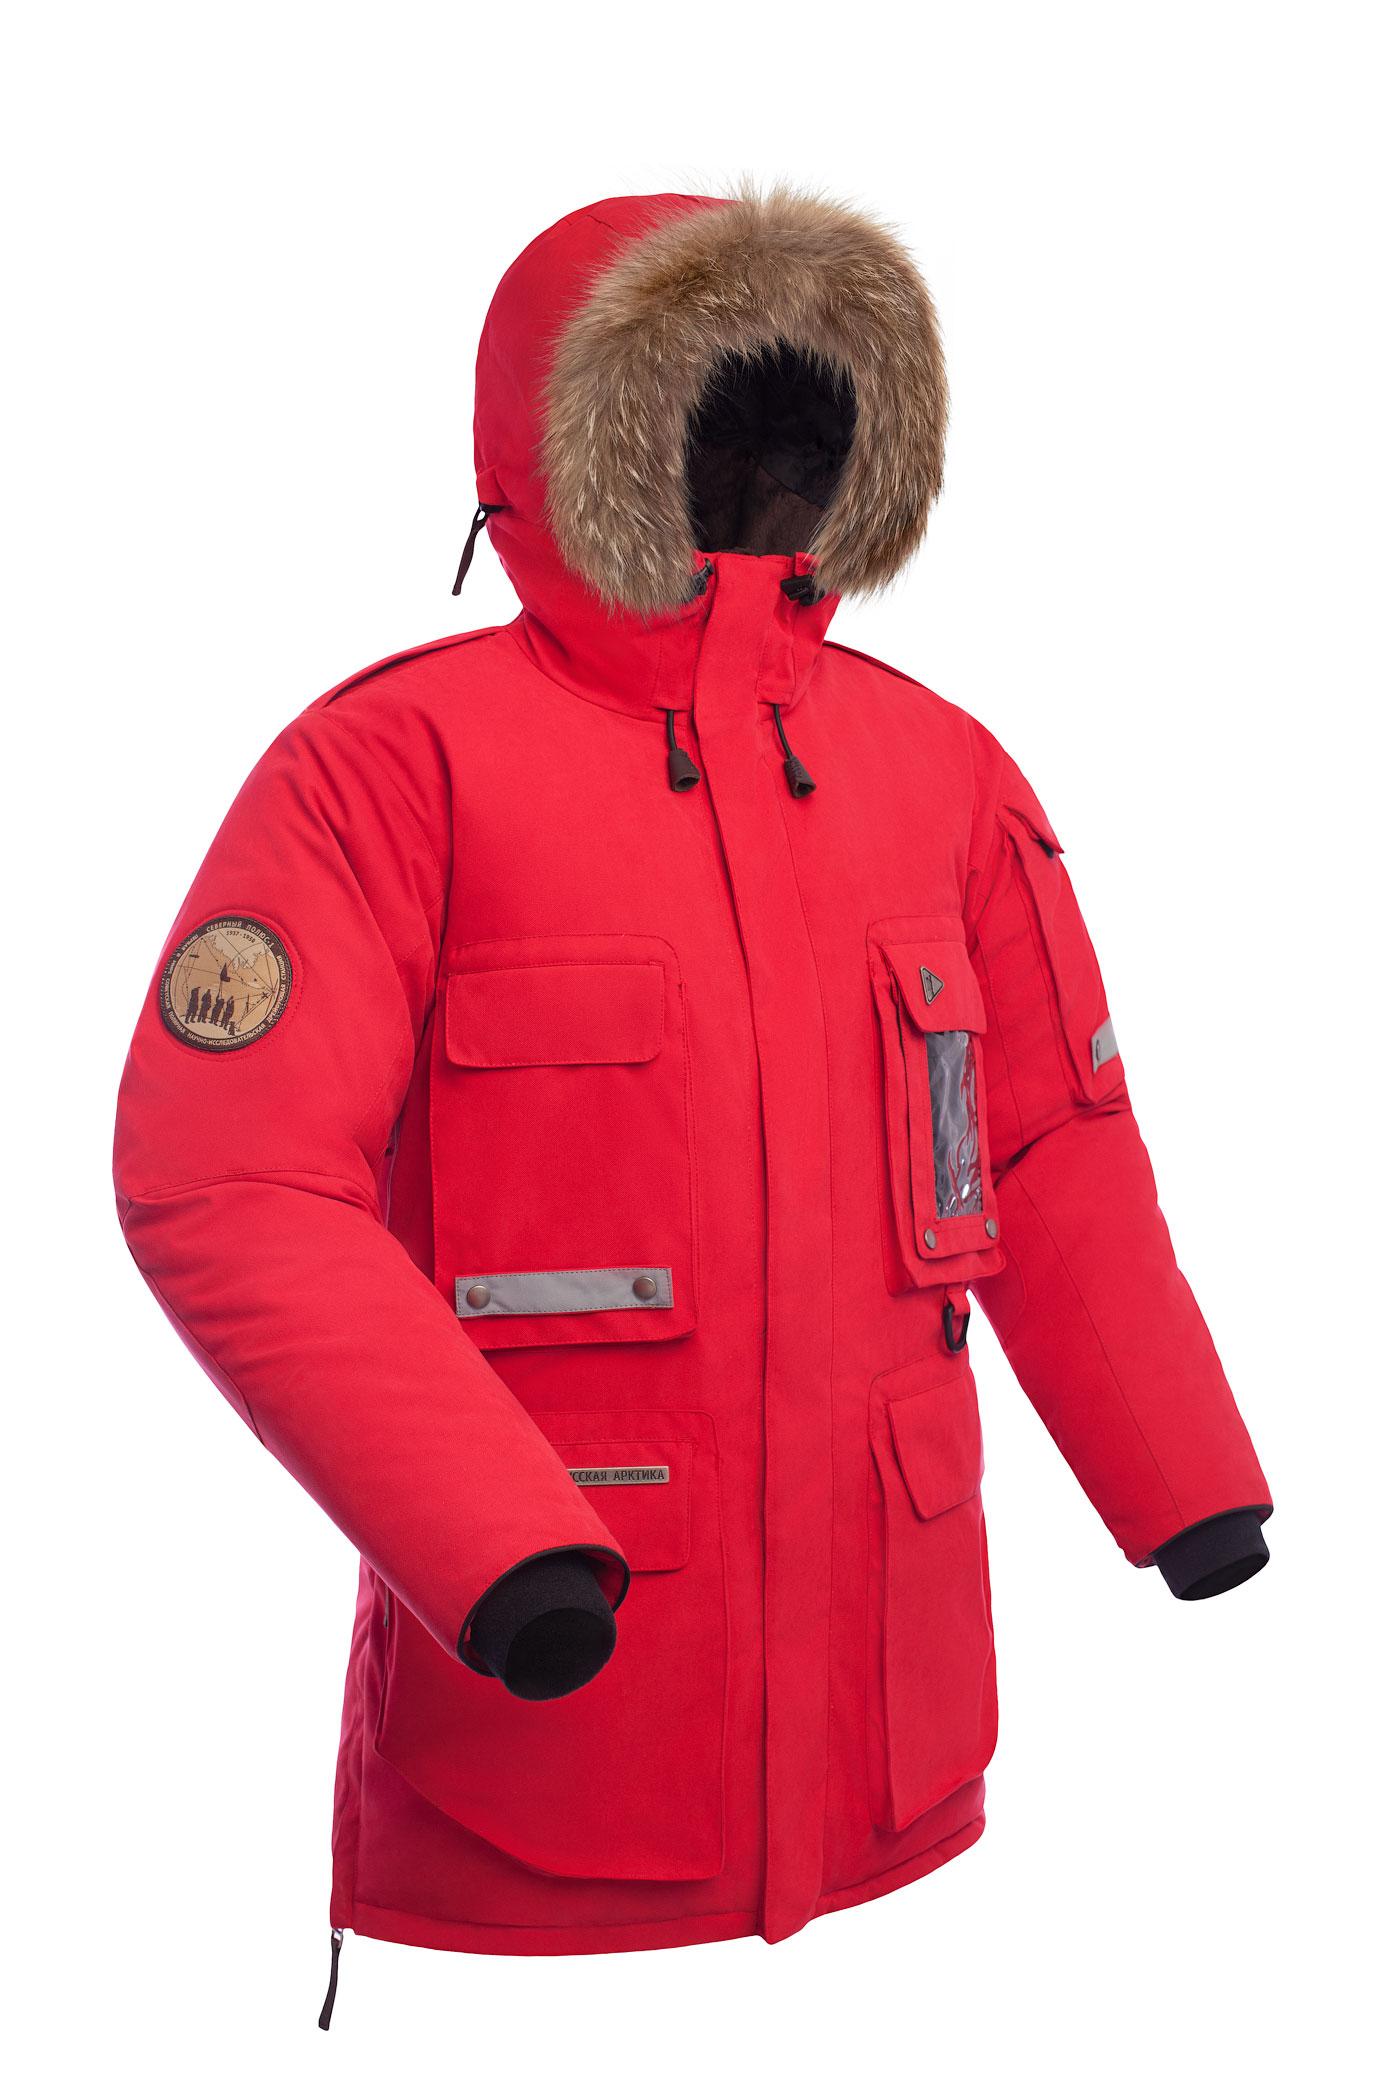 Куртка BASK ANABAR 1476Куртки<br><br><br>&quot;Дышащие&quot; свойства: Да<br>Верхняя ткань: Advance® Alaska<br>Вес граммы: 2530<br>Вес утеплителя: 400<br>Ветро-влагозащитные свойства верхней ткани: Да<br>Ветрозащитная планка: Да<br>Ветрозащитная юбка: Да<br>Влагозащитные молнии: Нет<br>Внутренние манжеты: Да<br>Внутренняя ткань: Advance® Classic<br>Водонепроницаемость: 10000<br>Дублирующий центральную молнию клапан: Да<br>Защитный козырёк капюшона: Нет<br>Капюшон: Несъемный<br>Карман для средств связи: Да<br>Количество внешних карманов: 7<br>Количество внутренних карманов: 6<br>Мембрана: Да<br>Объемный крой локтевой зоны: Да<br>Отстёгивающиеся рукава: Нет<br>Паропроницаемость: 5000<br>Проклейка швов: Нет<br>Регулировка манжетов рукавов: Нет<br>Регулировка низа: Нет<br>Регулировка объёма капюшона: Да<br>Регулировка талии: Да<br>Регулируемые вентиляционные отверстия: Нет<br>Световозвращающая лента: Да<br>Температурный режим: -40<br>Технология Thermal Welding: Нет<br>Технология швов: Простые<br>Тип молнии: Двухзамковая<br>Тип утеплителя: Синтетический<br>Ткань усиления: Нет<br>Усиление контактных зон: Да<br>Утеплитель: Shelter®Sport<br>Размер RU: 46<br>Цвет: СИНИЙ